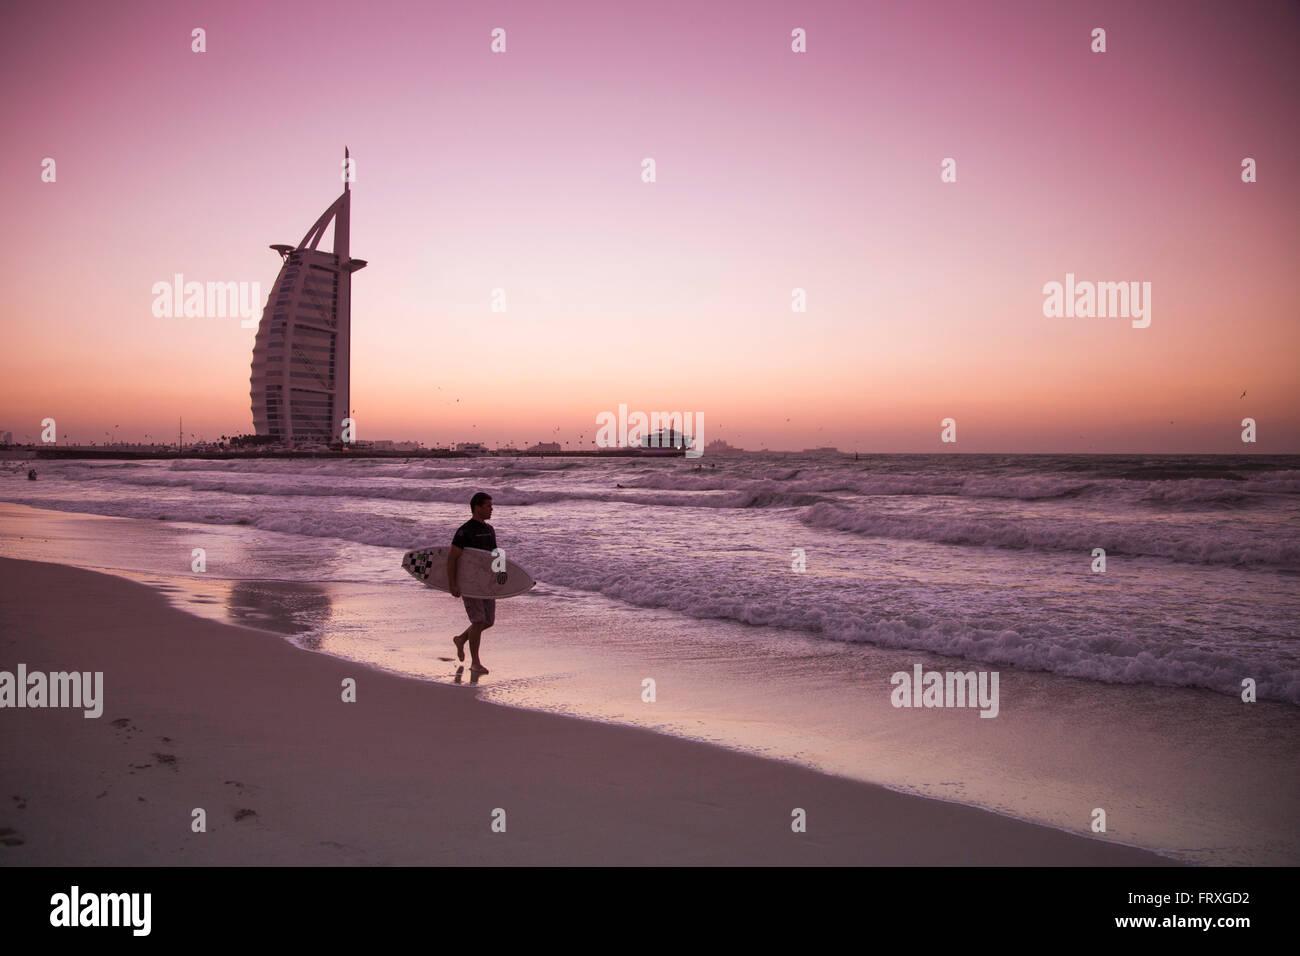 Surfer caminando por la playa cerca del hotel Burj Al Arab al atardecer, Dubai, Emiratos Árabes Unidos. Imagen De Stock